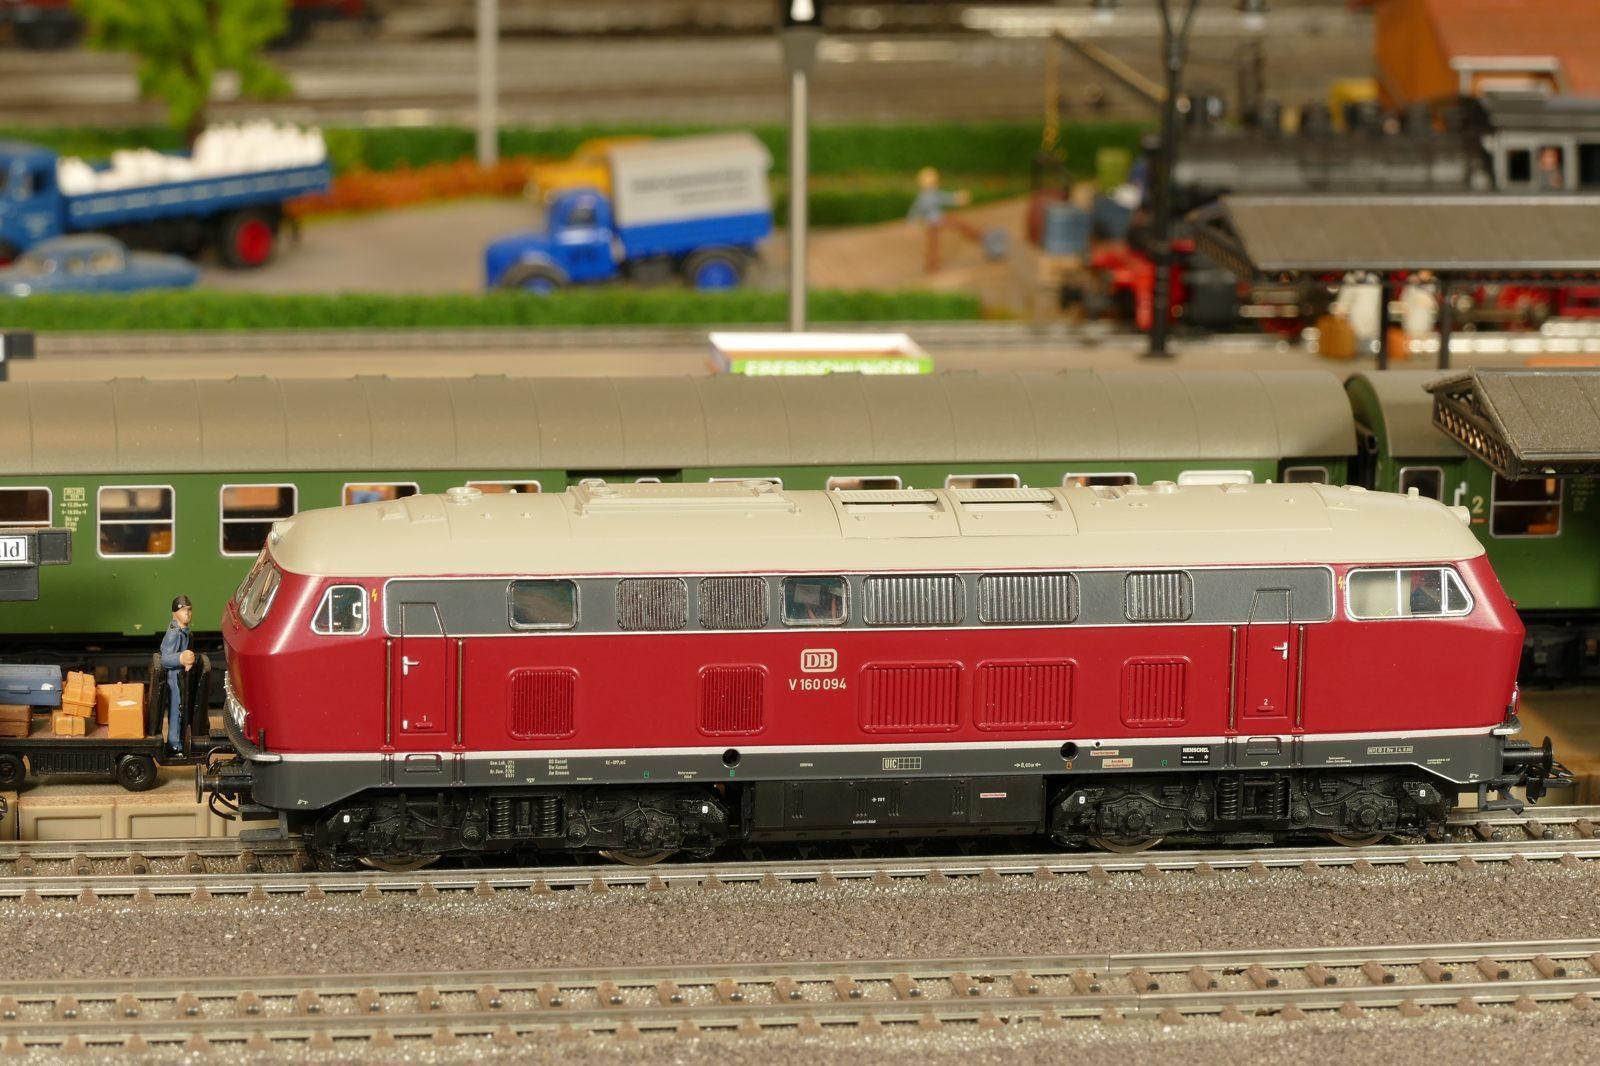 V160 zog auch den Heckeneilzug in den 1970er Jahren